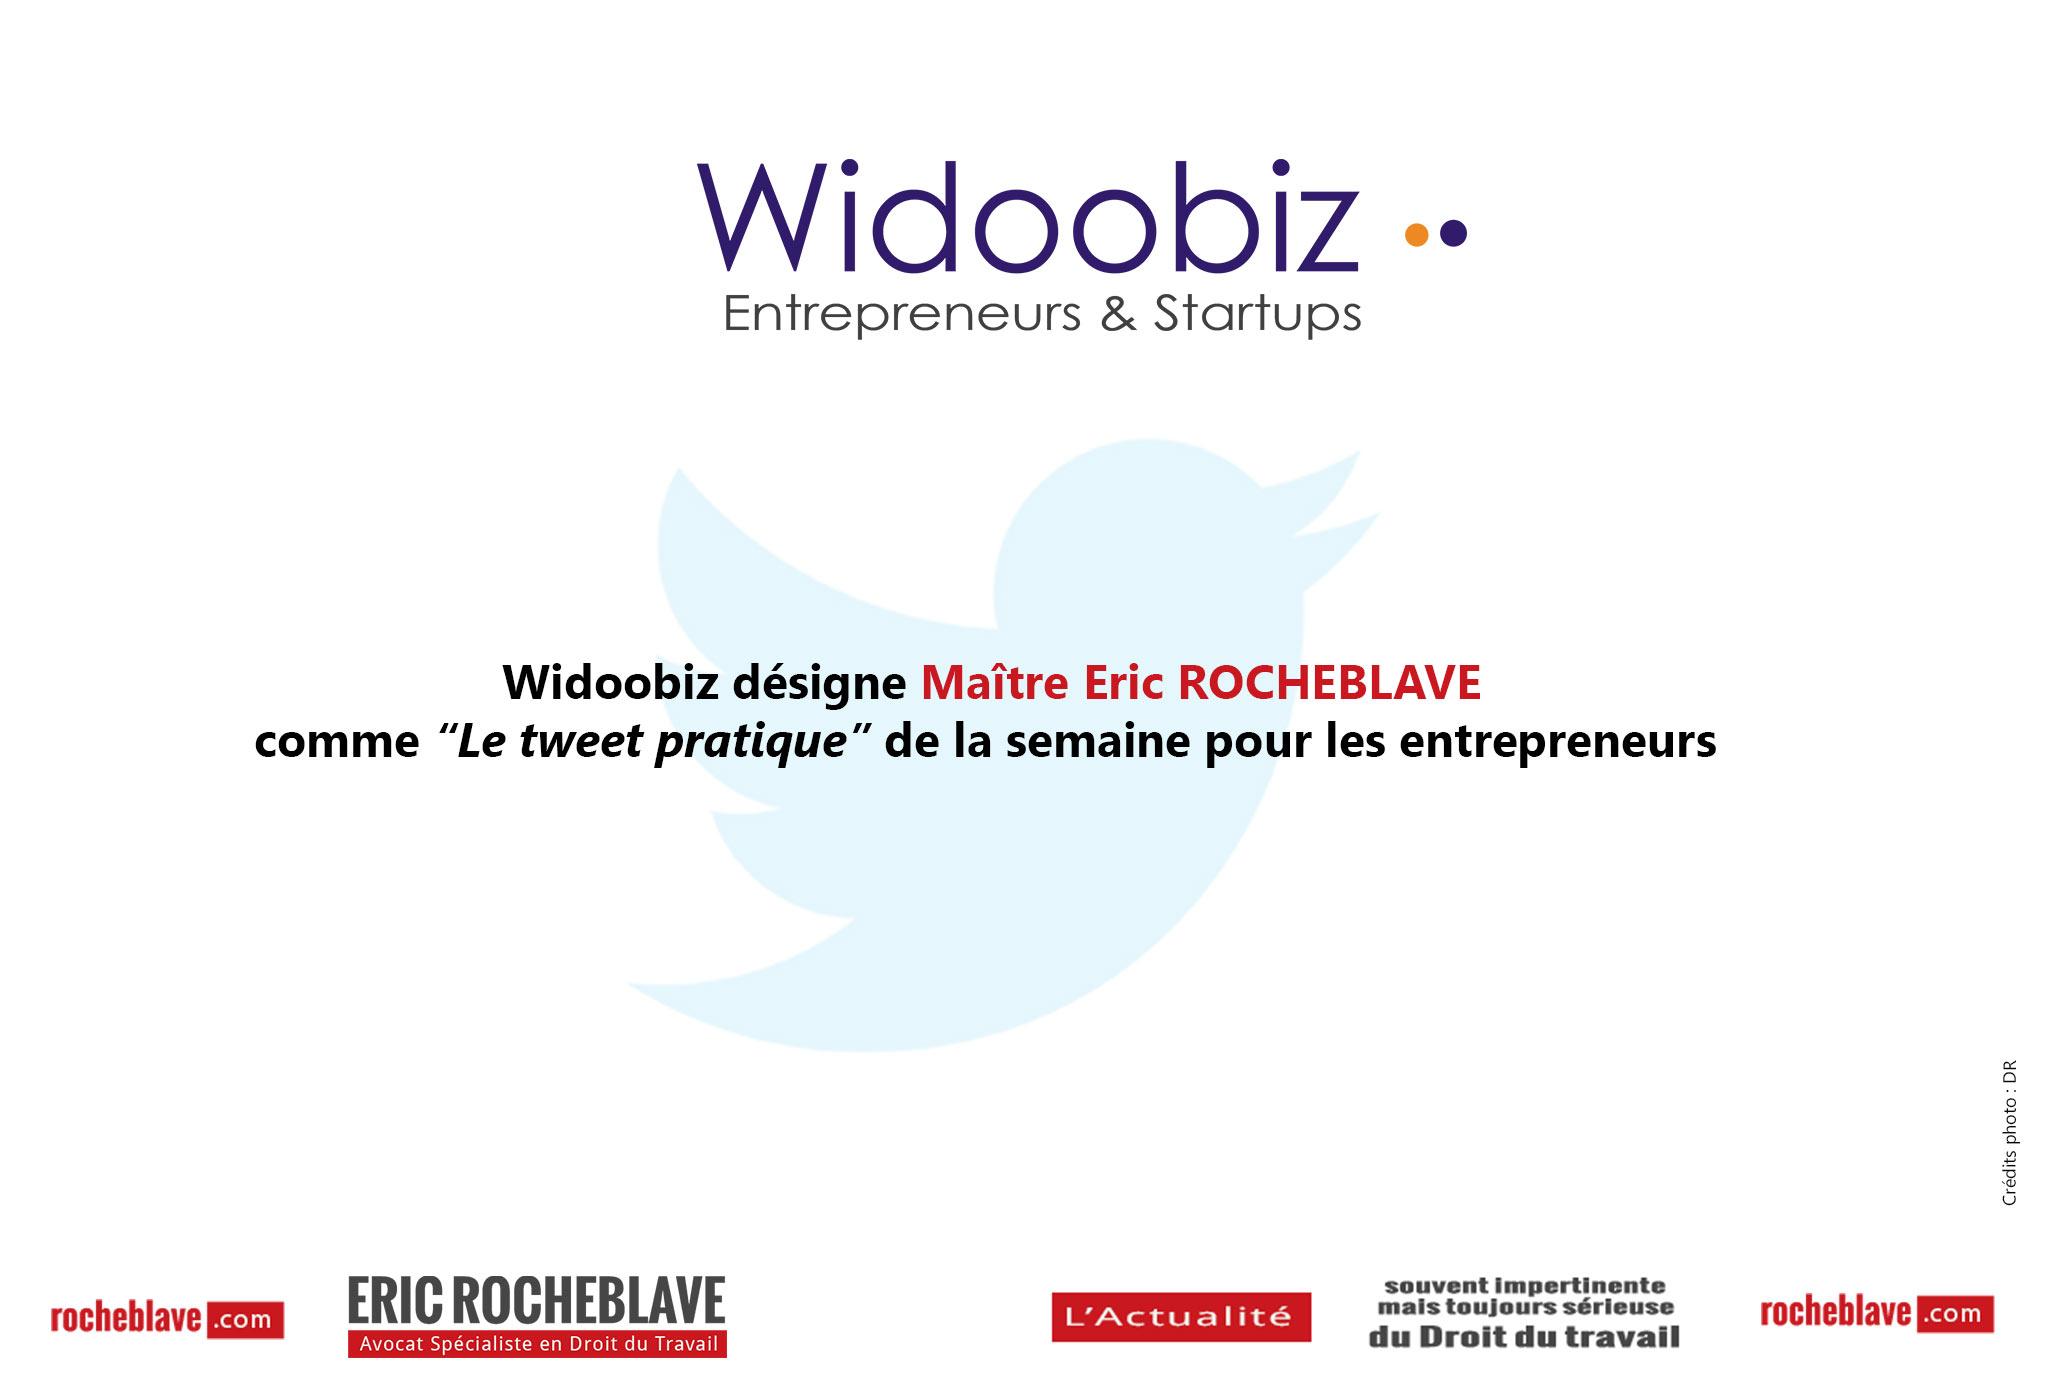 """Widoobiz désigne Maître Eric ROCHEBLAVE comme """"Le tweet pratique"""" de la semaine pour les entrepreneurs"""